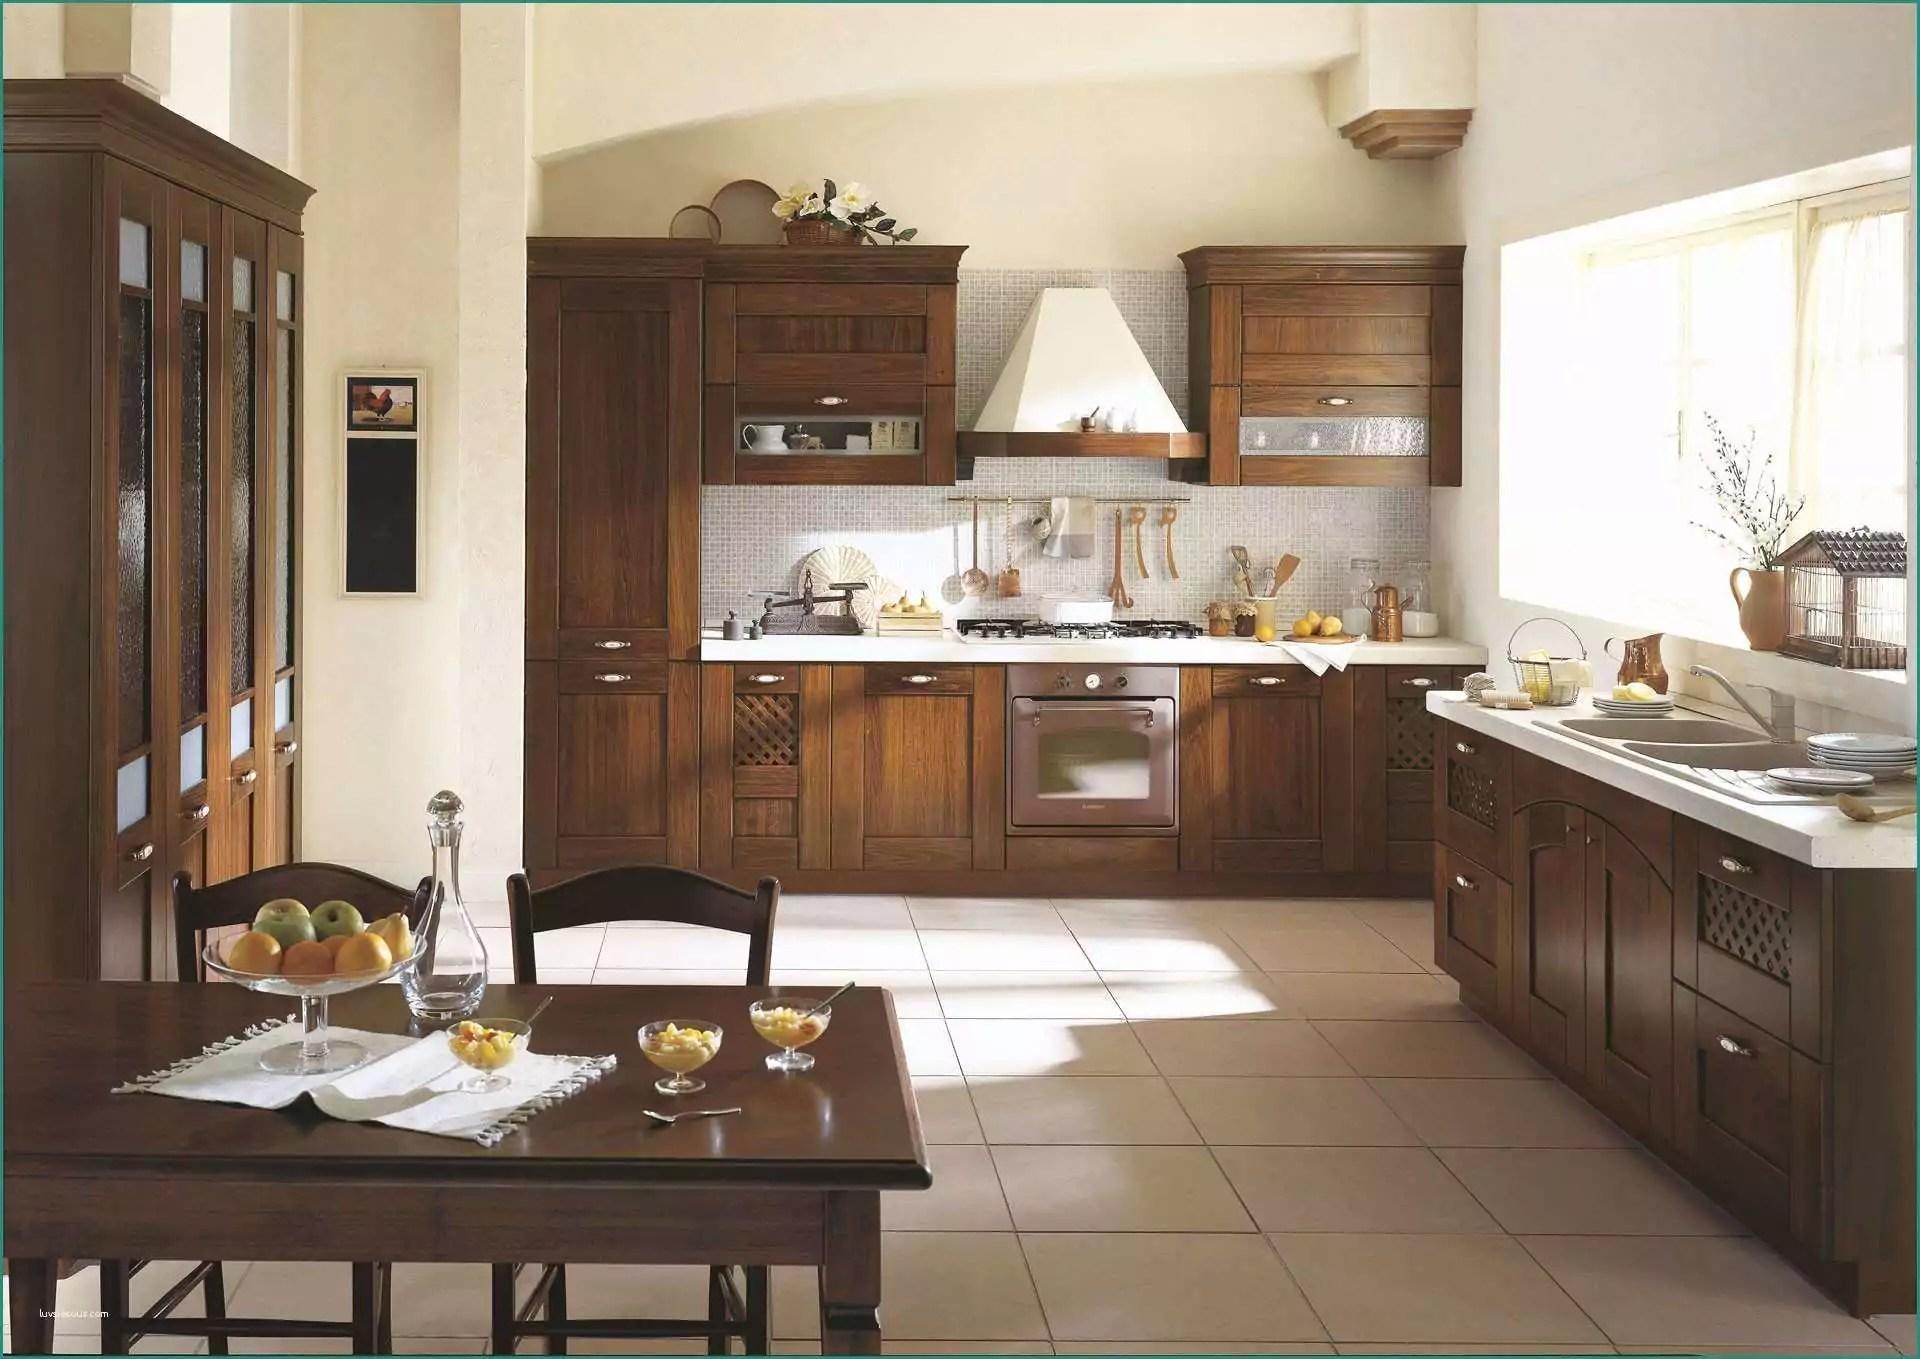 Tende Per Cucina Classica | Bellissima Mantovane Per Cucina ...